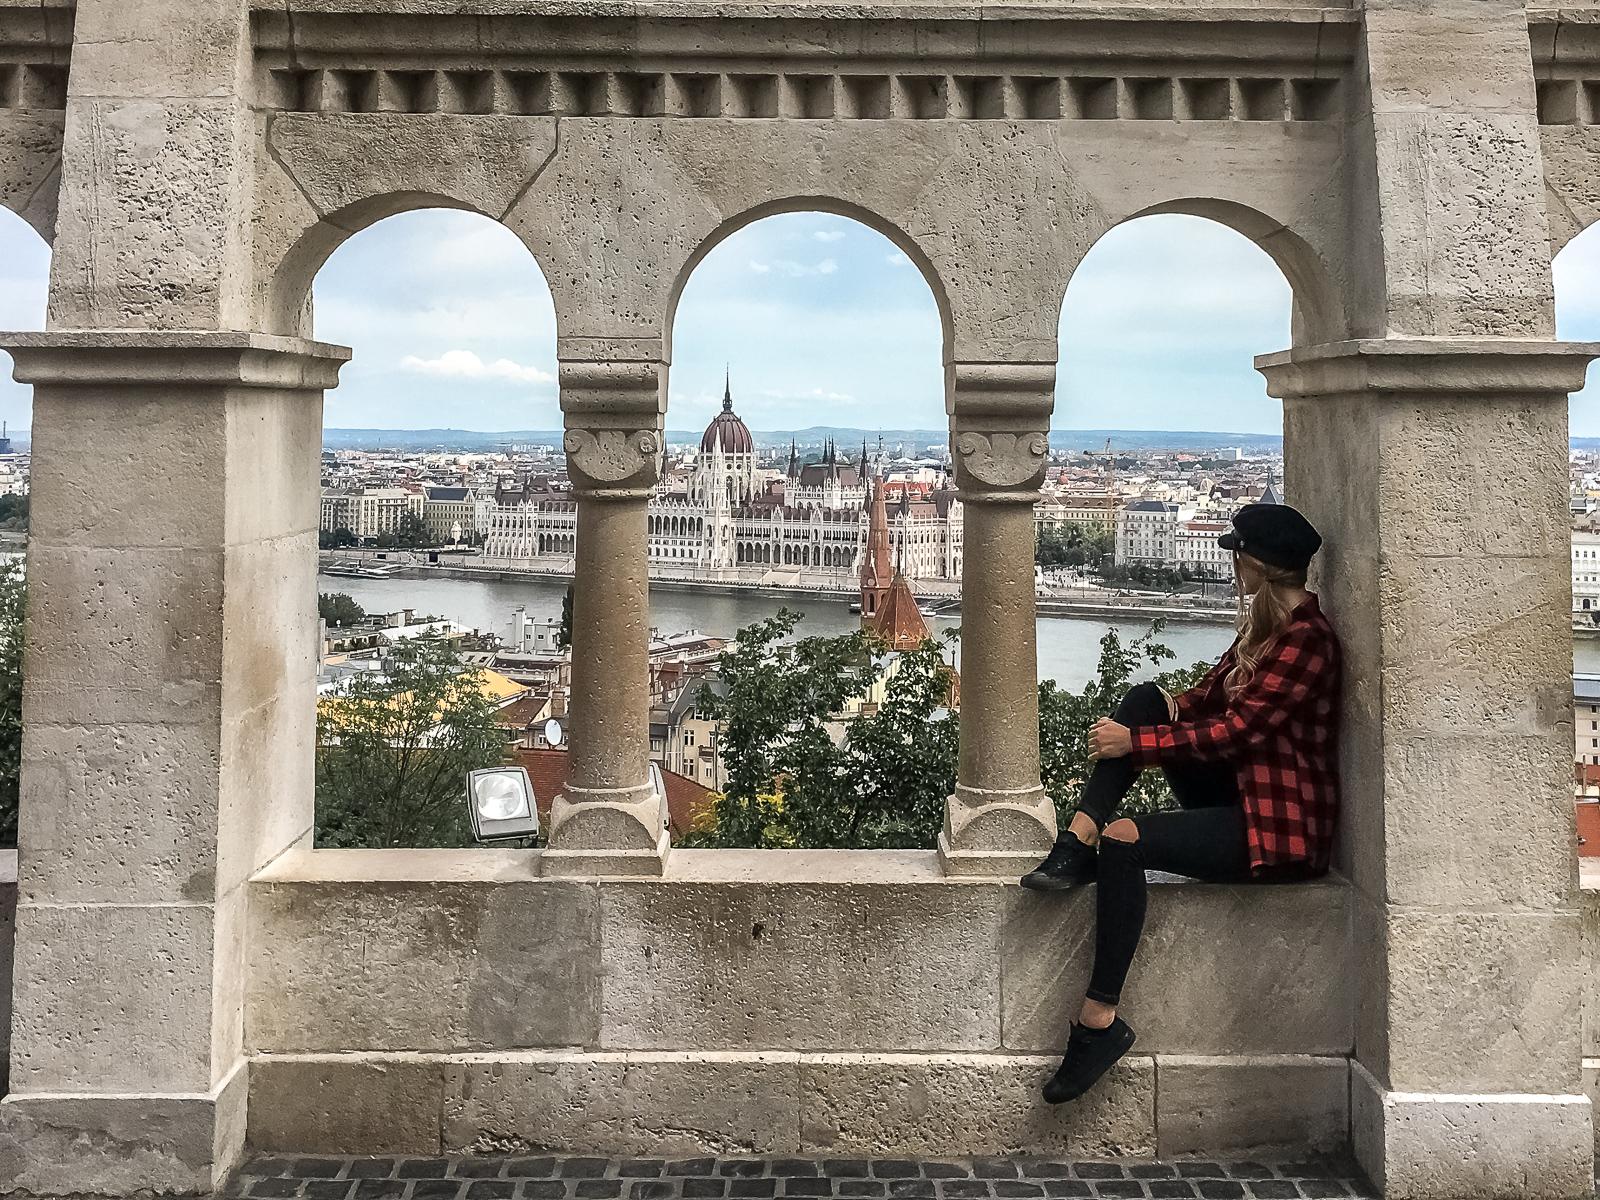 Budapest City Guide - 3 Tage Sightseeing - Tipps und Wissenswertes für deine Reise nach Budapest - Budapest Tipps - Budapest Städtereise - Städtetrip in Ungarn - Reise nach Ungarn - Ungarn Budapest - Reisetipps - Reisebericht - City Guide - Fashionladyloves by Tamara Wagner Travelblog - travelblogger